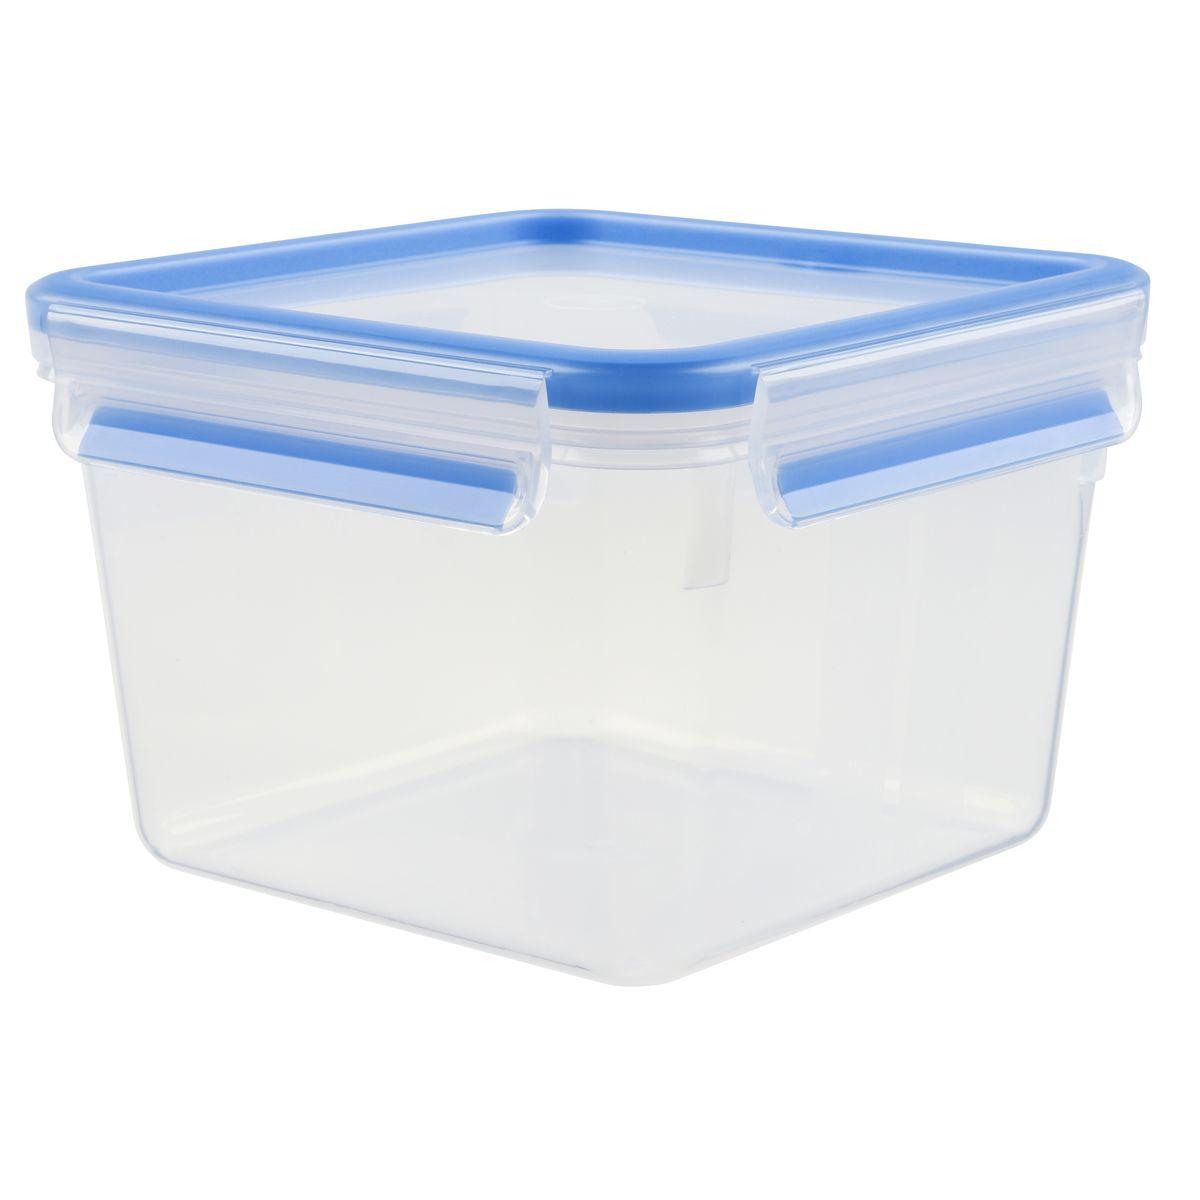 Контейнер пищевой Emsa Clip&Close, 1,75 л508537Контейнер Emsa Clip&Close изготовлен из высококачественного антибактериального пищевого пластика, имеющего сертификат BPA-free, который выдерживает температуру от -40°С до +110° С, не впитывает запахи и не изменяет цвет. Это абсолютно гигиеничный продукт, который подходит для хранения даже детского питания. 100% герметичность - идеально не только для хранения, но и для транспортировки пищи. Герметичность достигается за счет специальных силиконовых прослоек, которые позволяют использовать контейнер для хранения не только пищи, но и жидкости. В таком контейнере продукты долгое время сохраняют свою свежесть - до 4-х раз дольше по сравнению с обычными, в том числе и вакуумными контейнерами. 100% гигиеничность - уникальная технология применения медицинского силикона в уплотнителе крышки: никаких полостей - никаких микробов. Изделие снабжено крышкой, плотно закрывающейся на 4 защелки. 100% удобство - прозрачные стенки позволяют просматривать содержимое,...